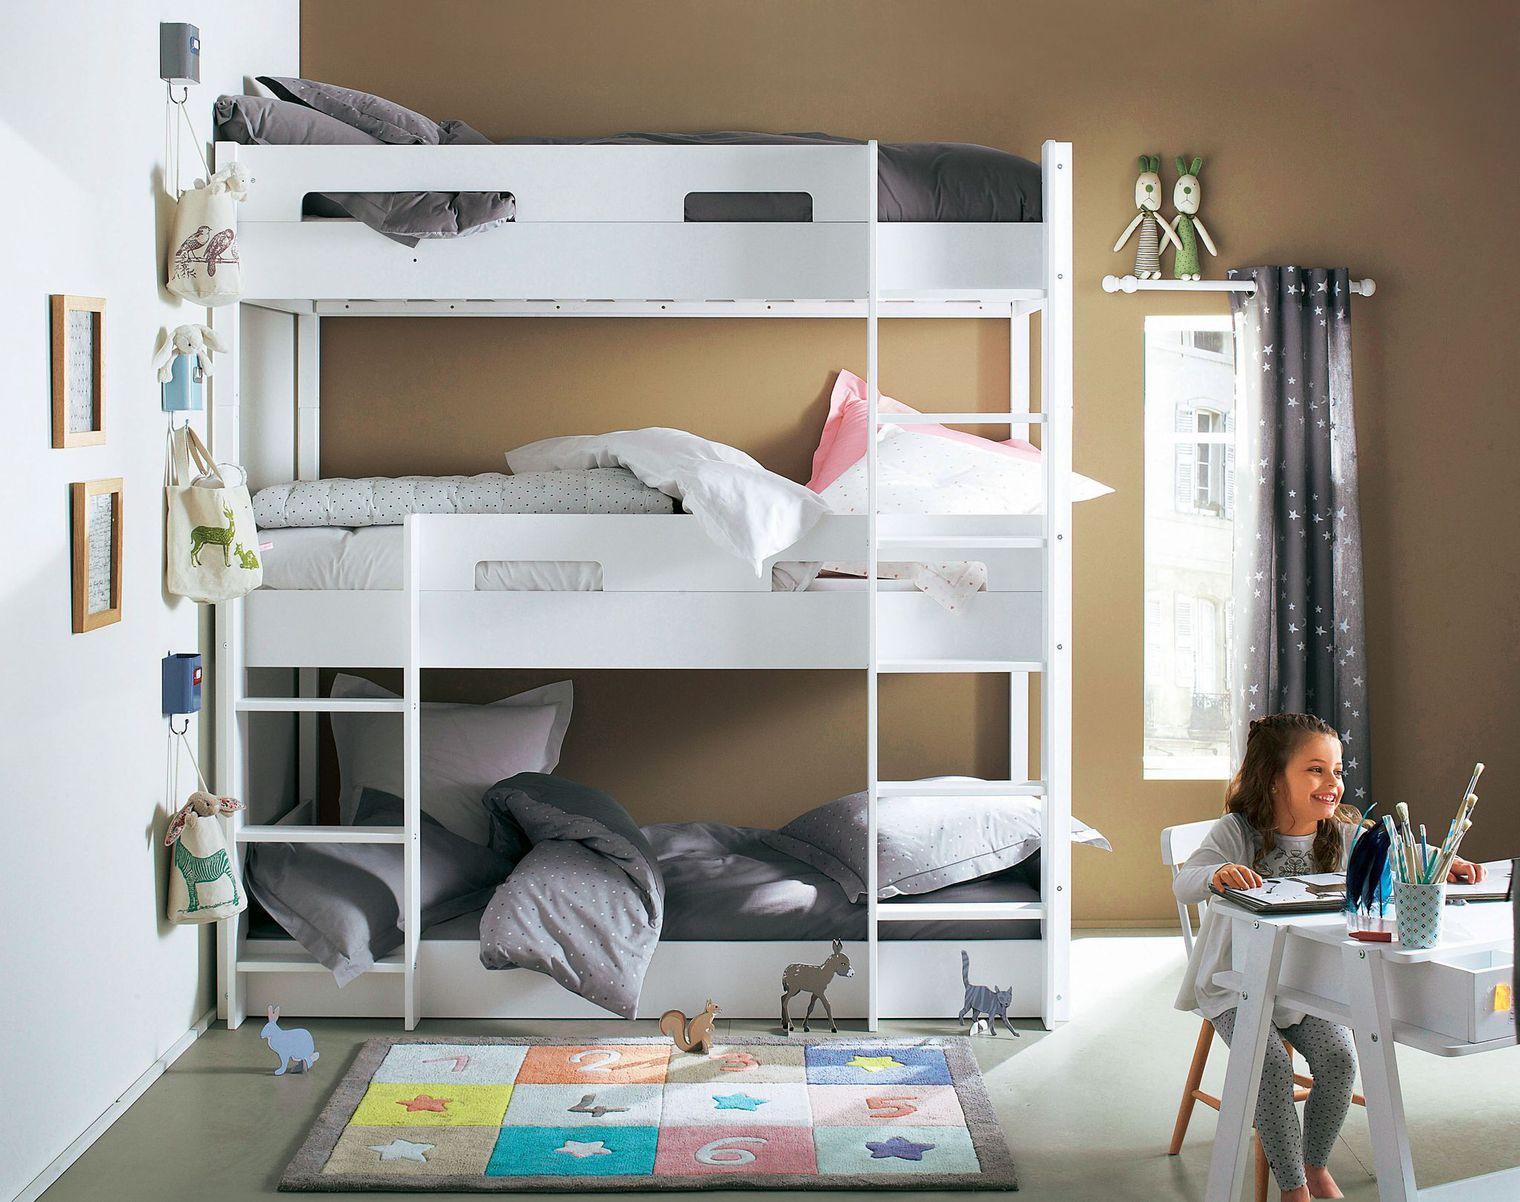 Кровать в детской для троих